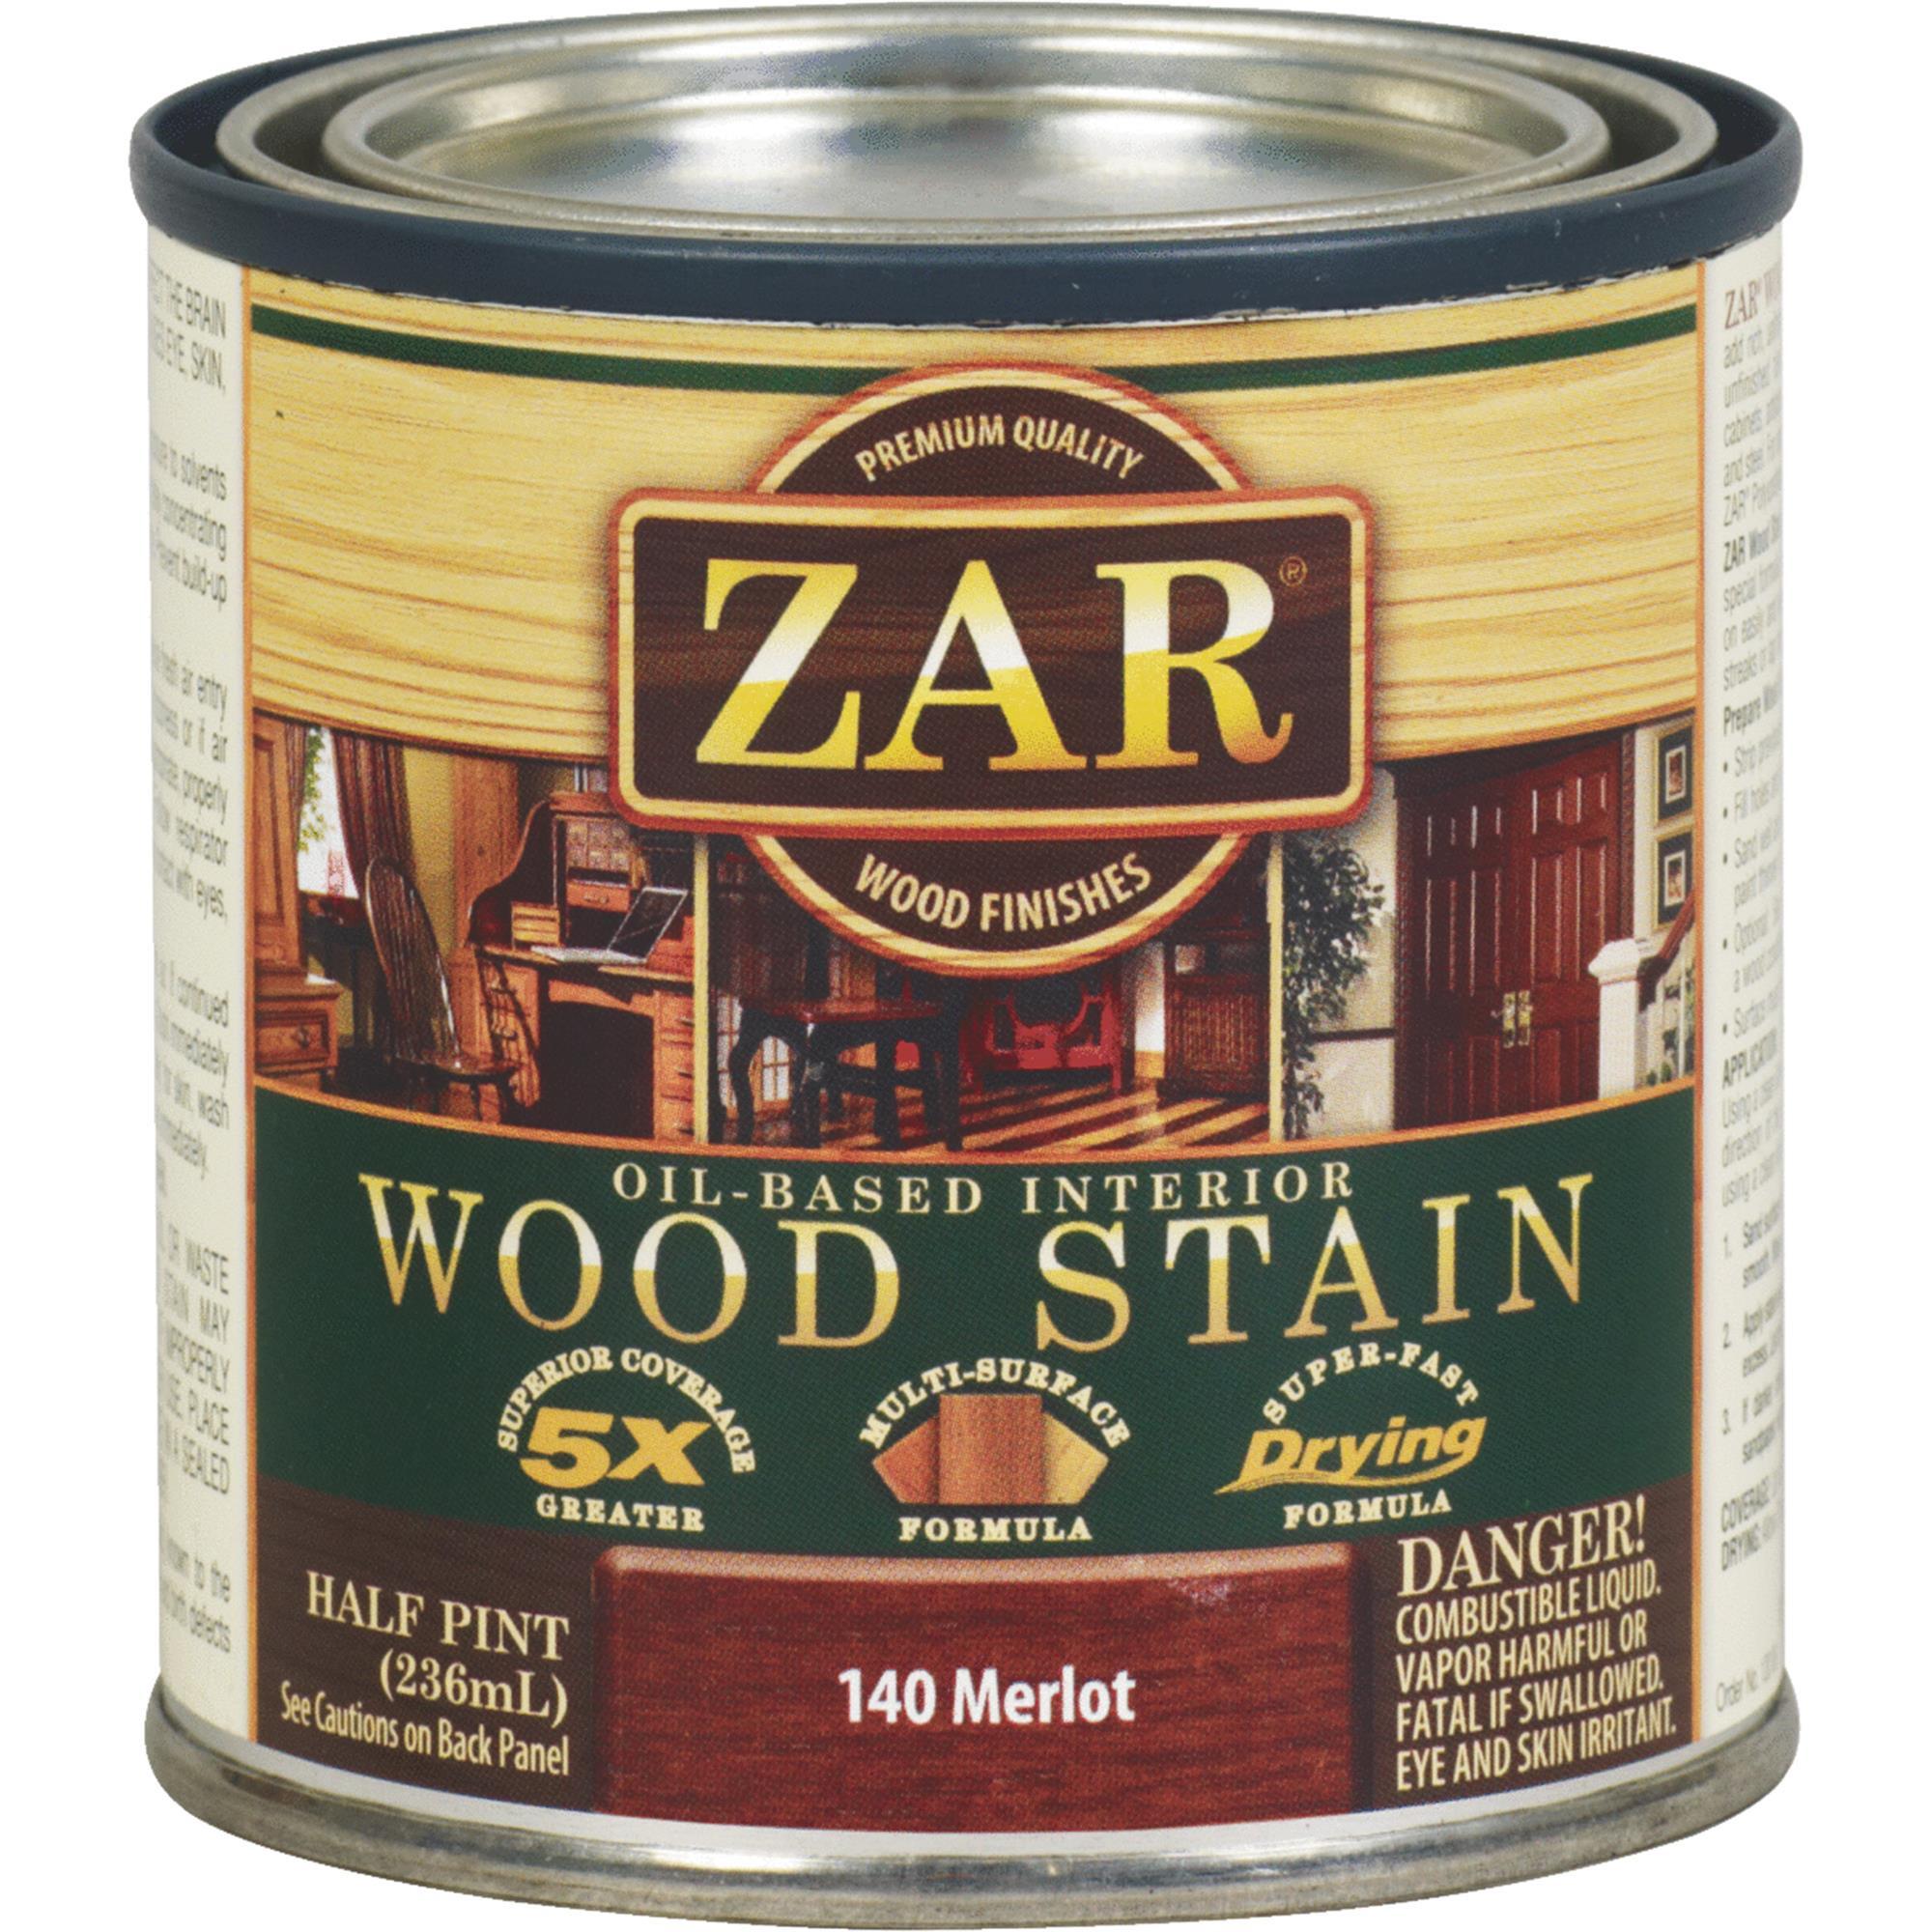 ZAR Oil-Based Wood Stain